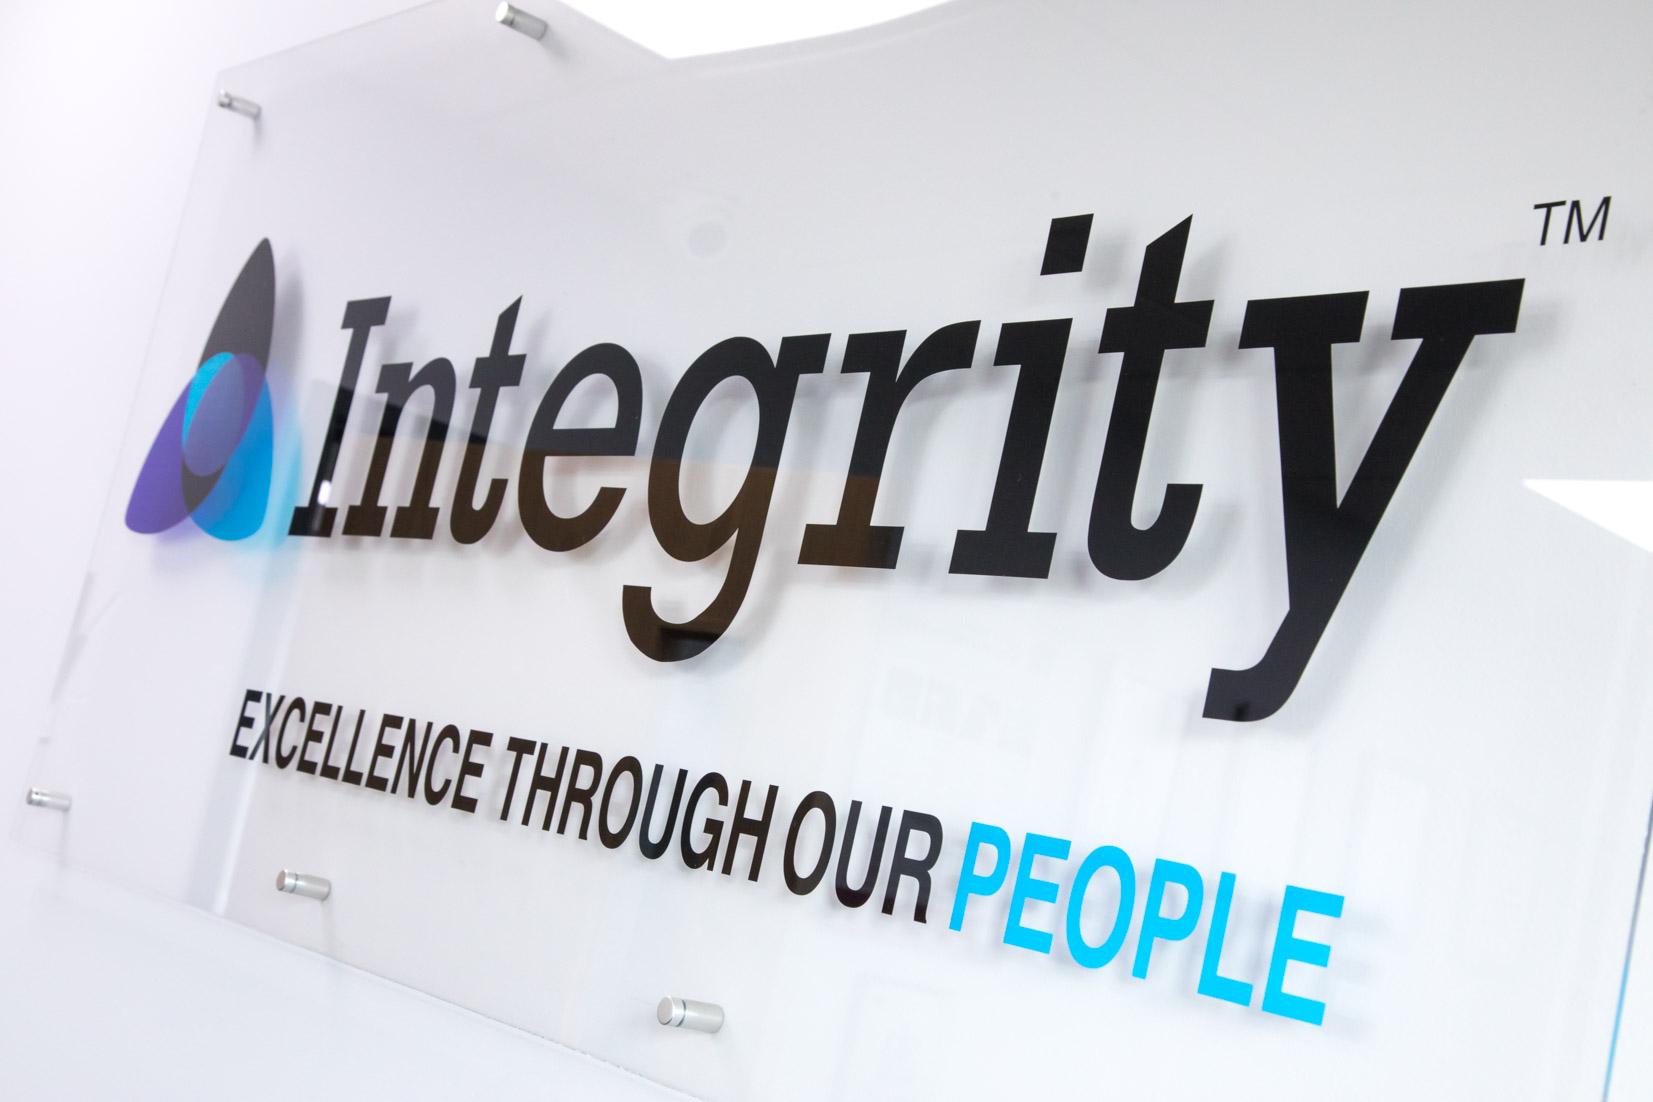 Integrity Logo at a